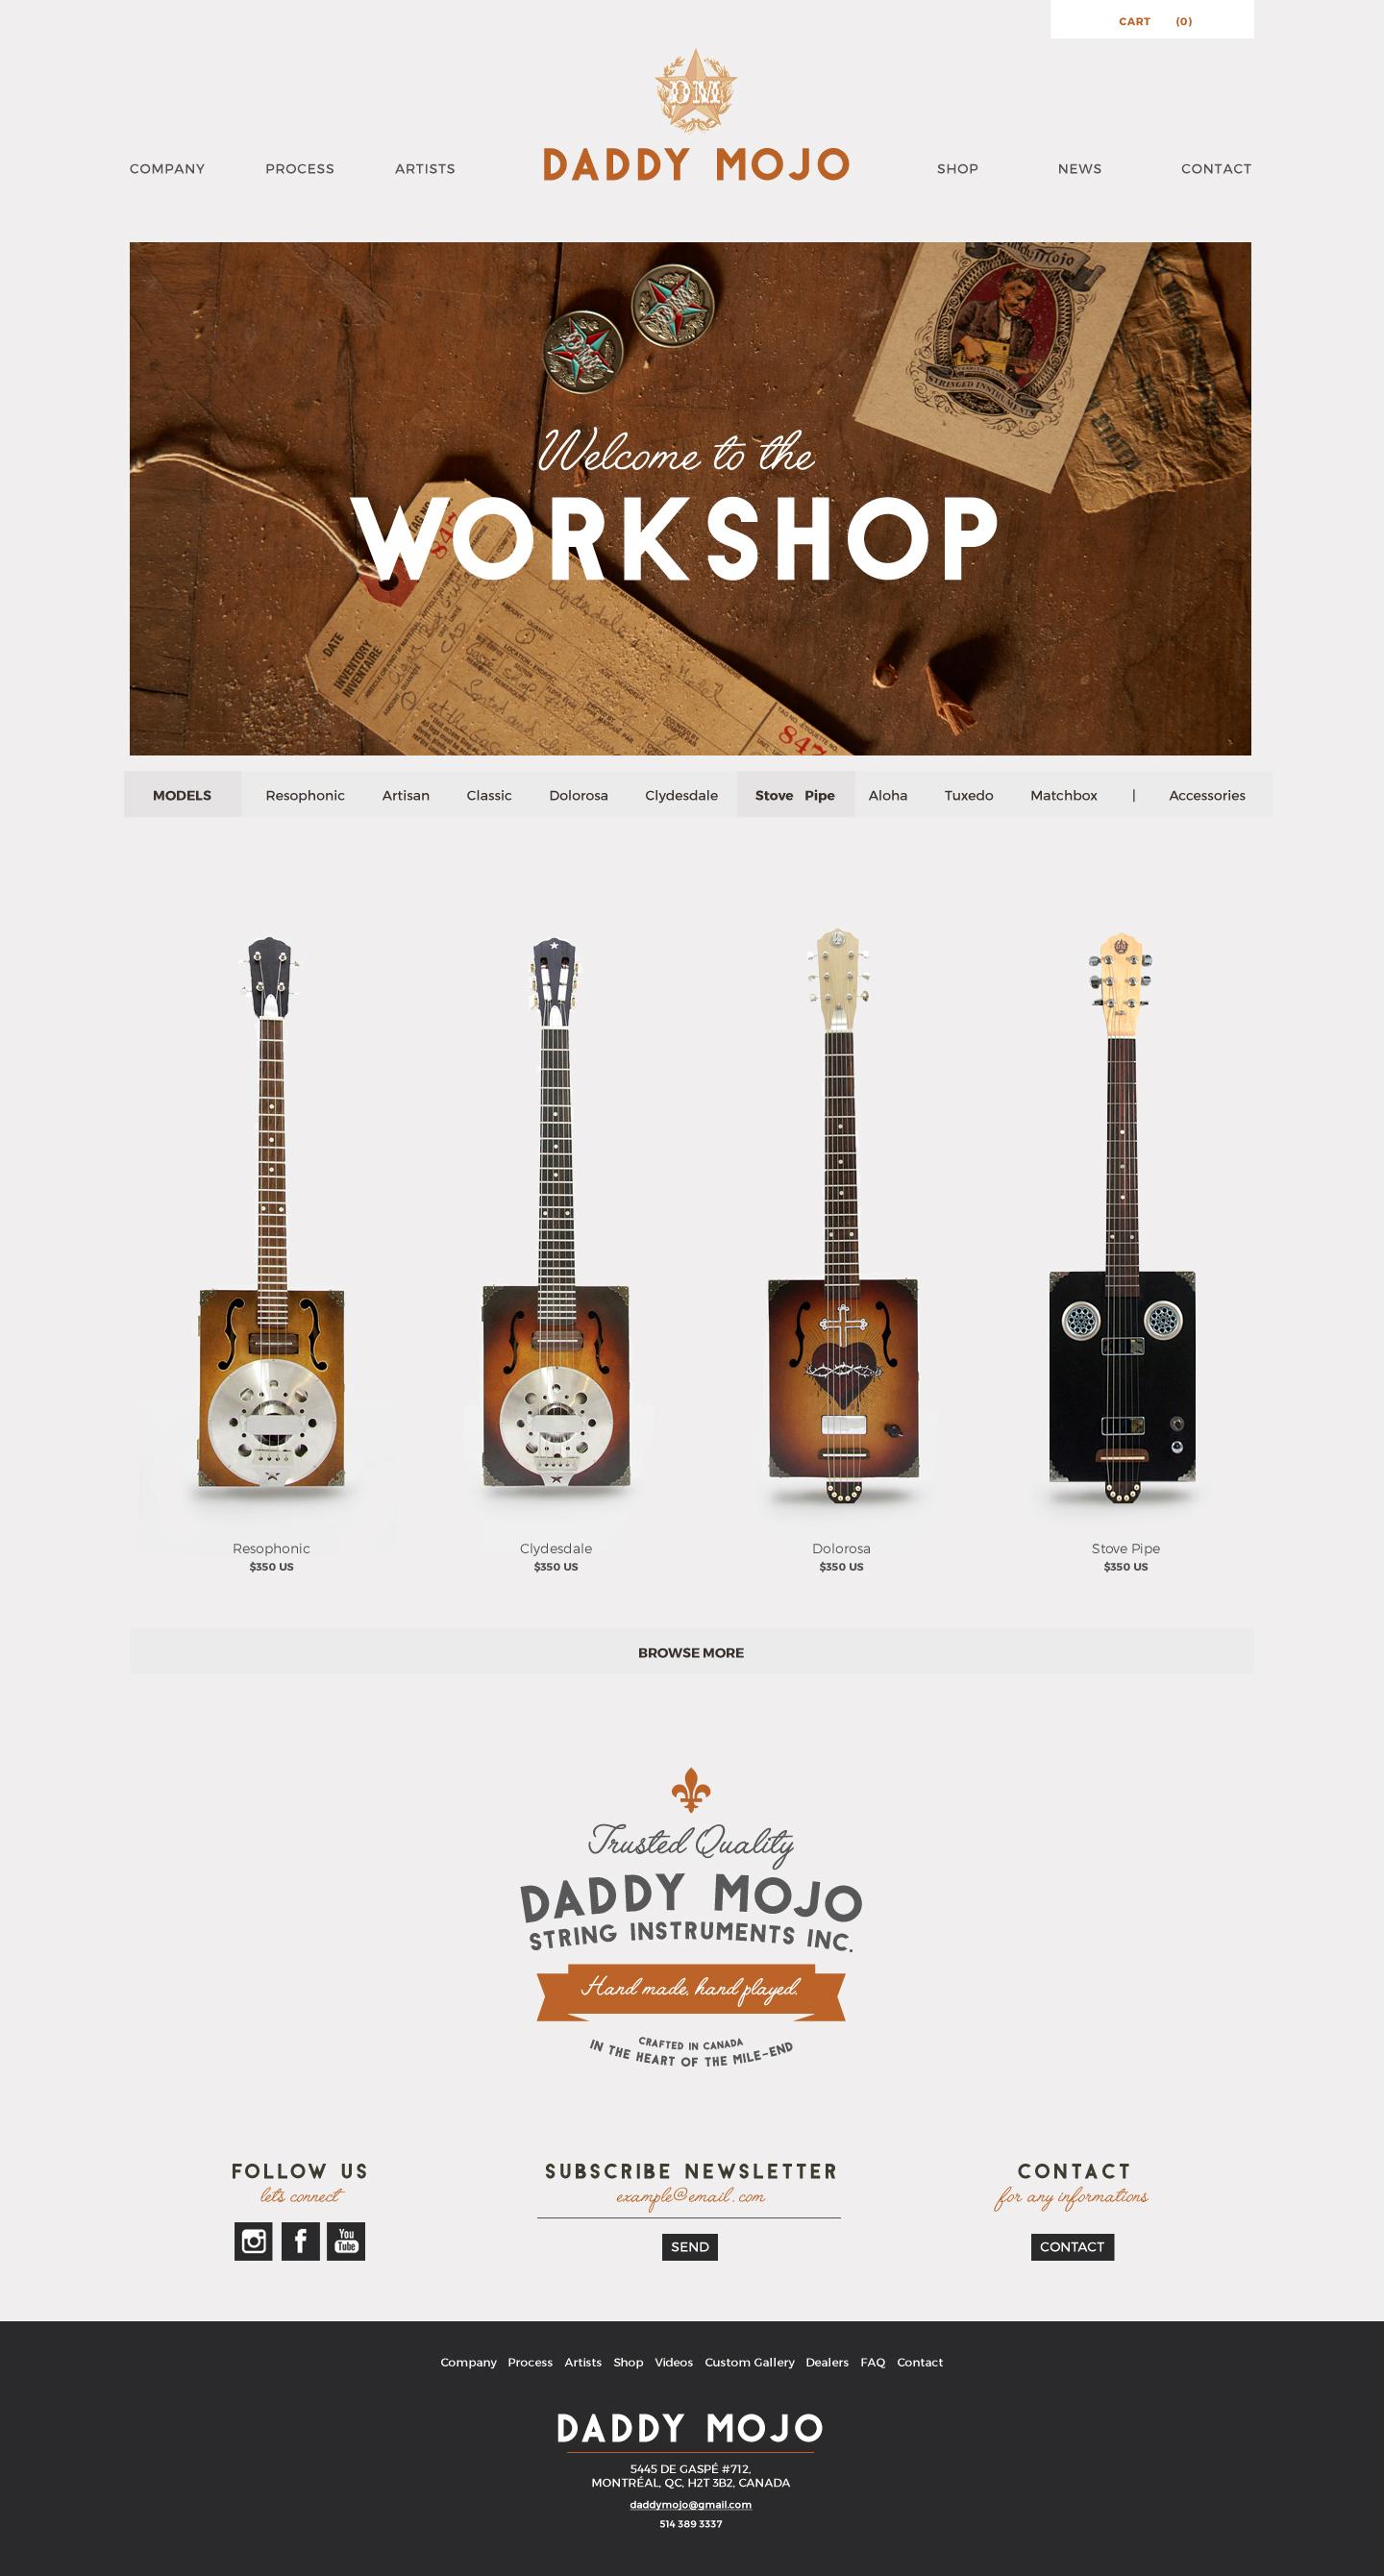 1200 - Shop - Daddy Mojo_v2.jpg